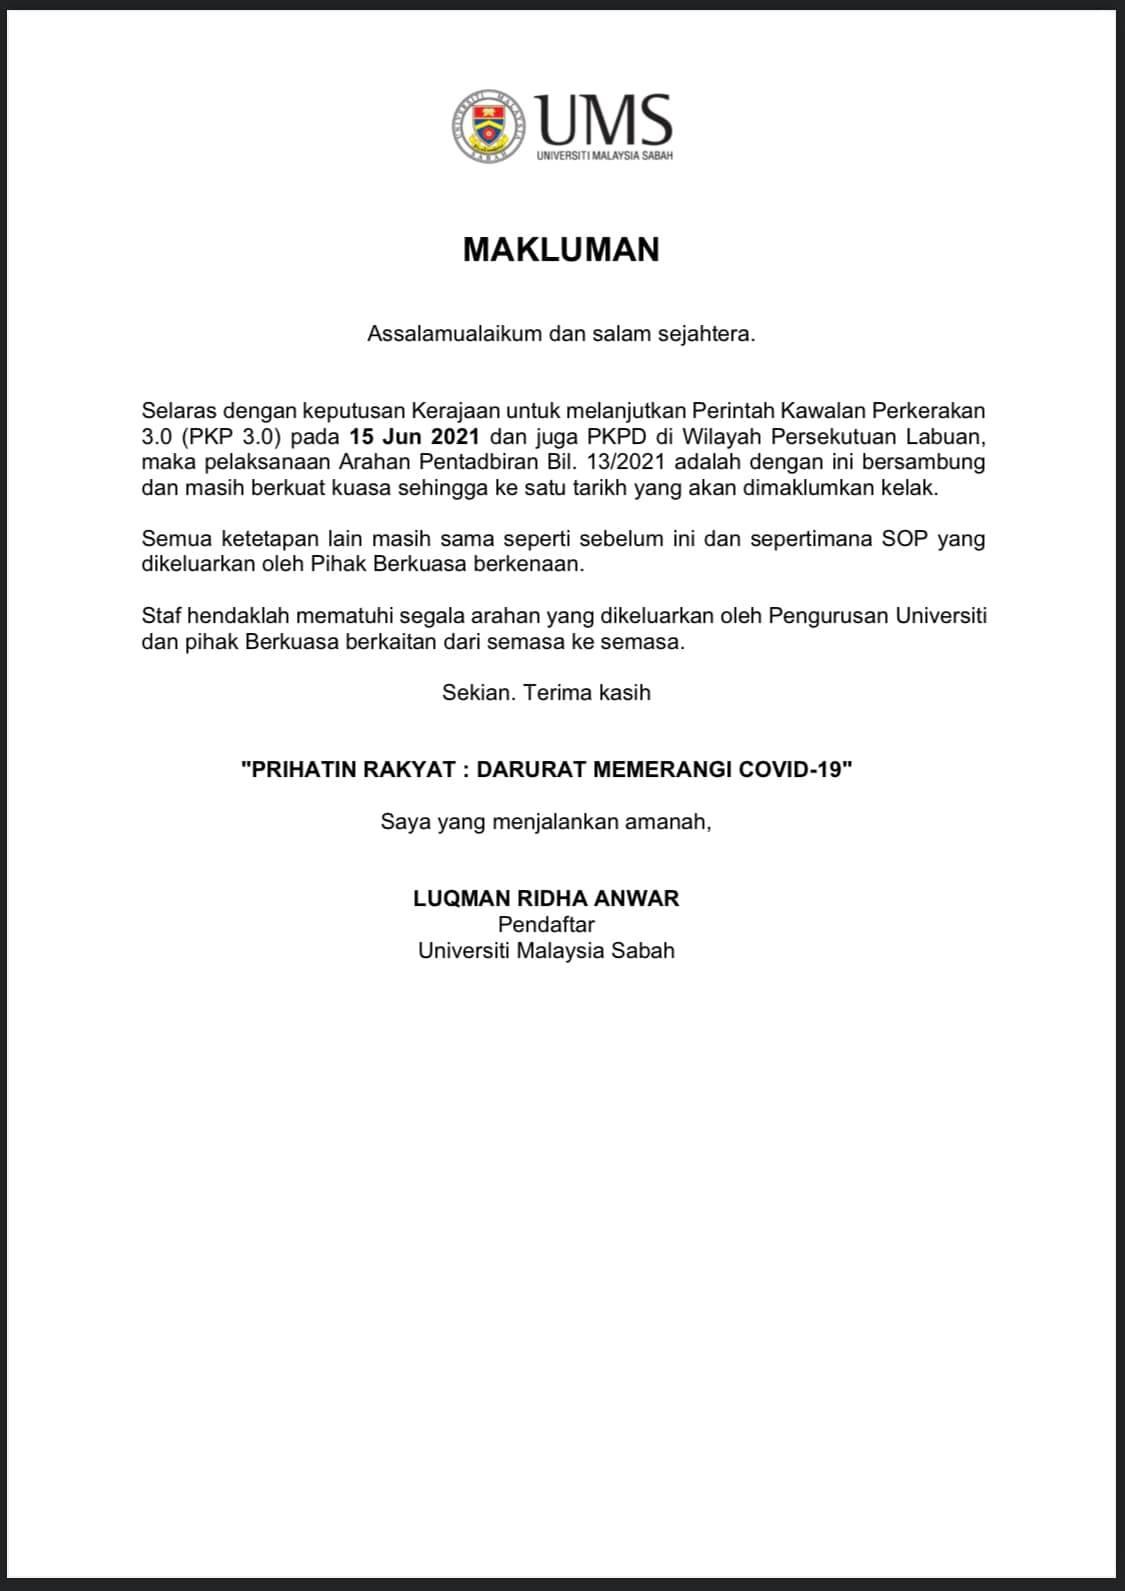 Pemakluman Lanjutan Arahan Pentadbiran Bil. 13/2021